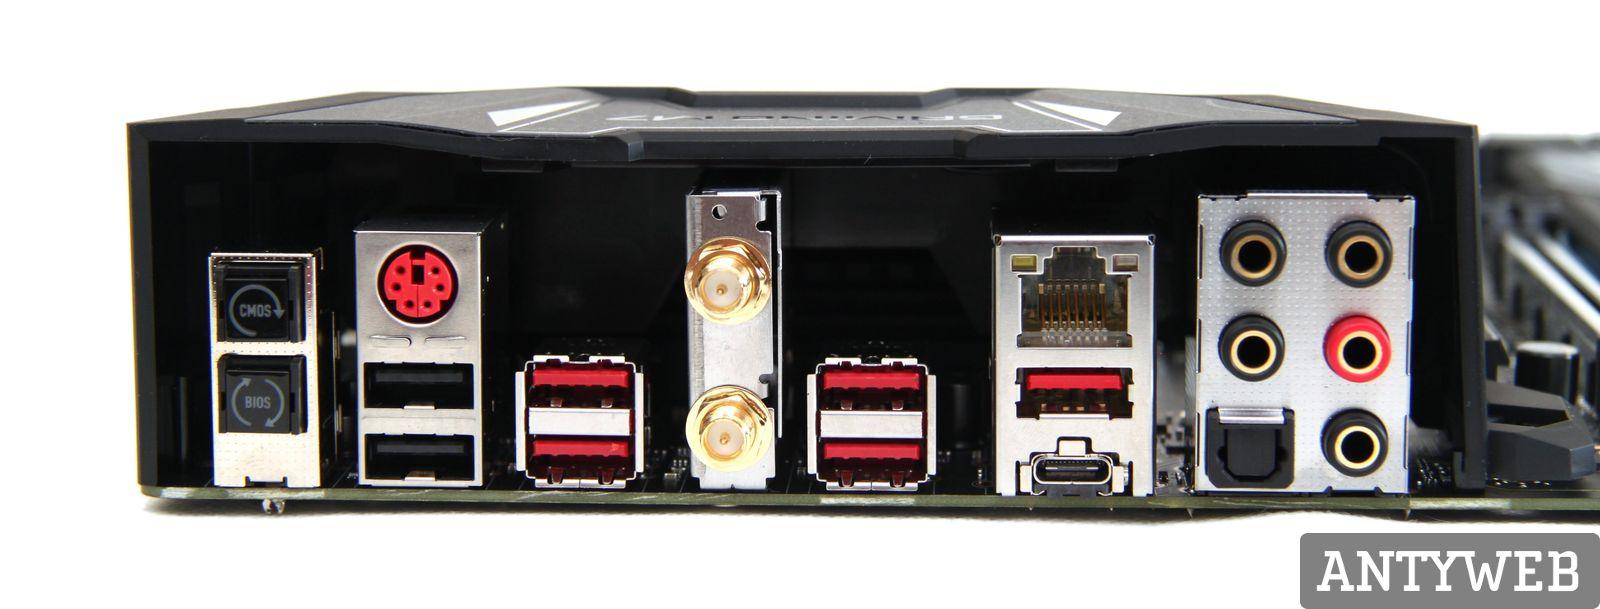 Budowa komputera - płyta główna